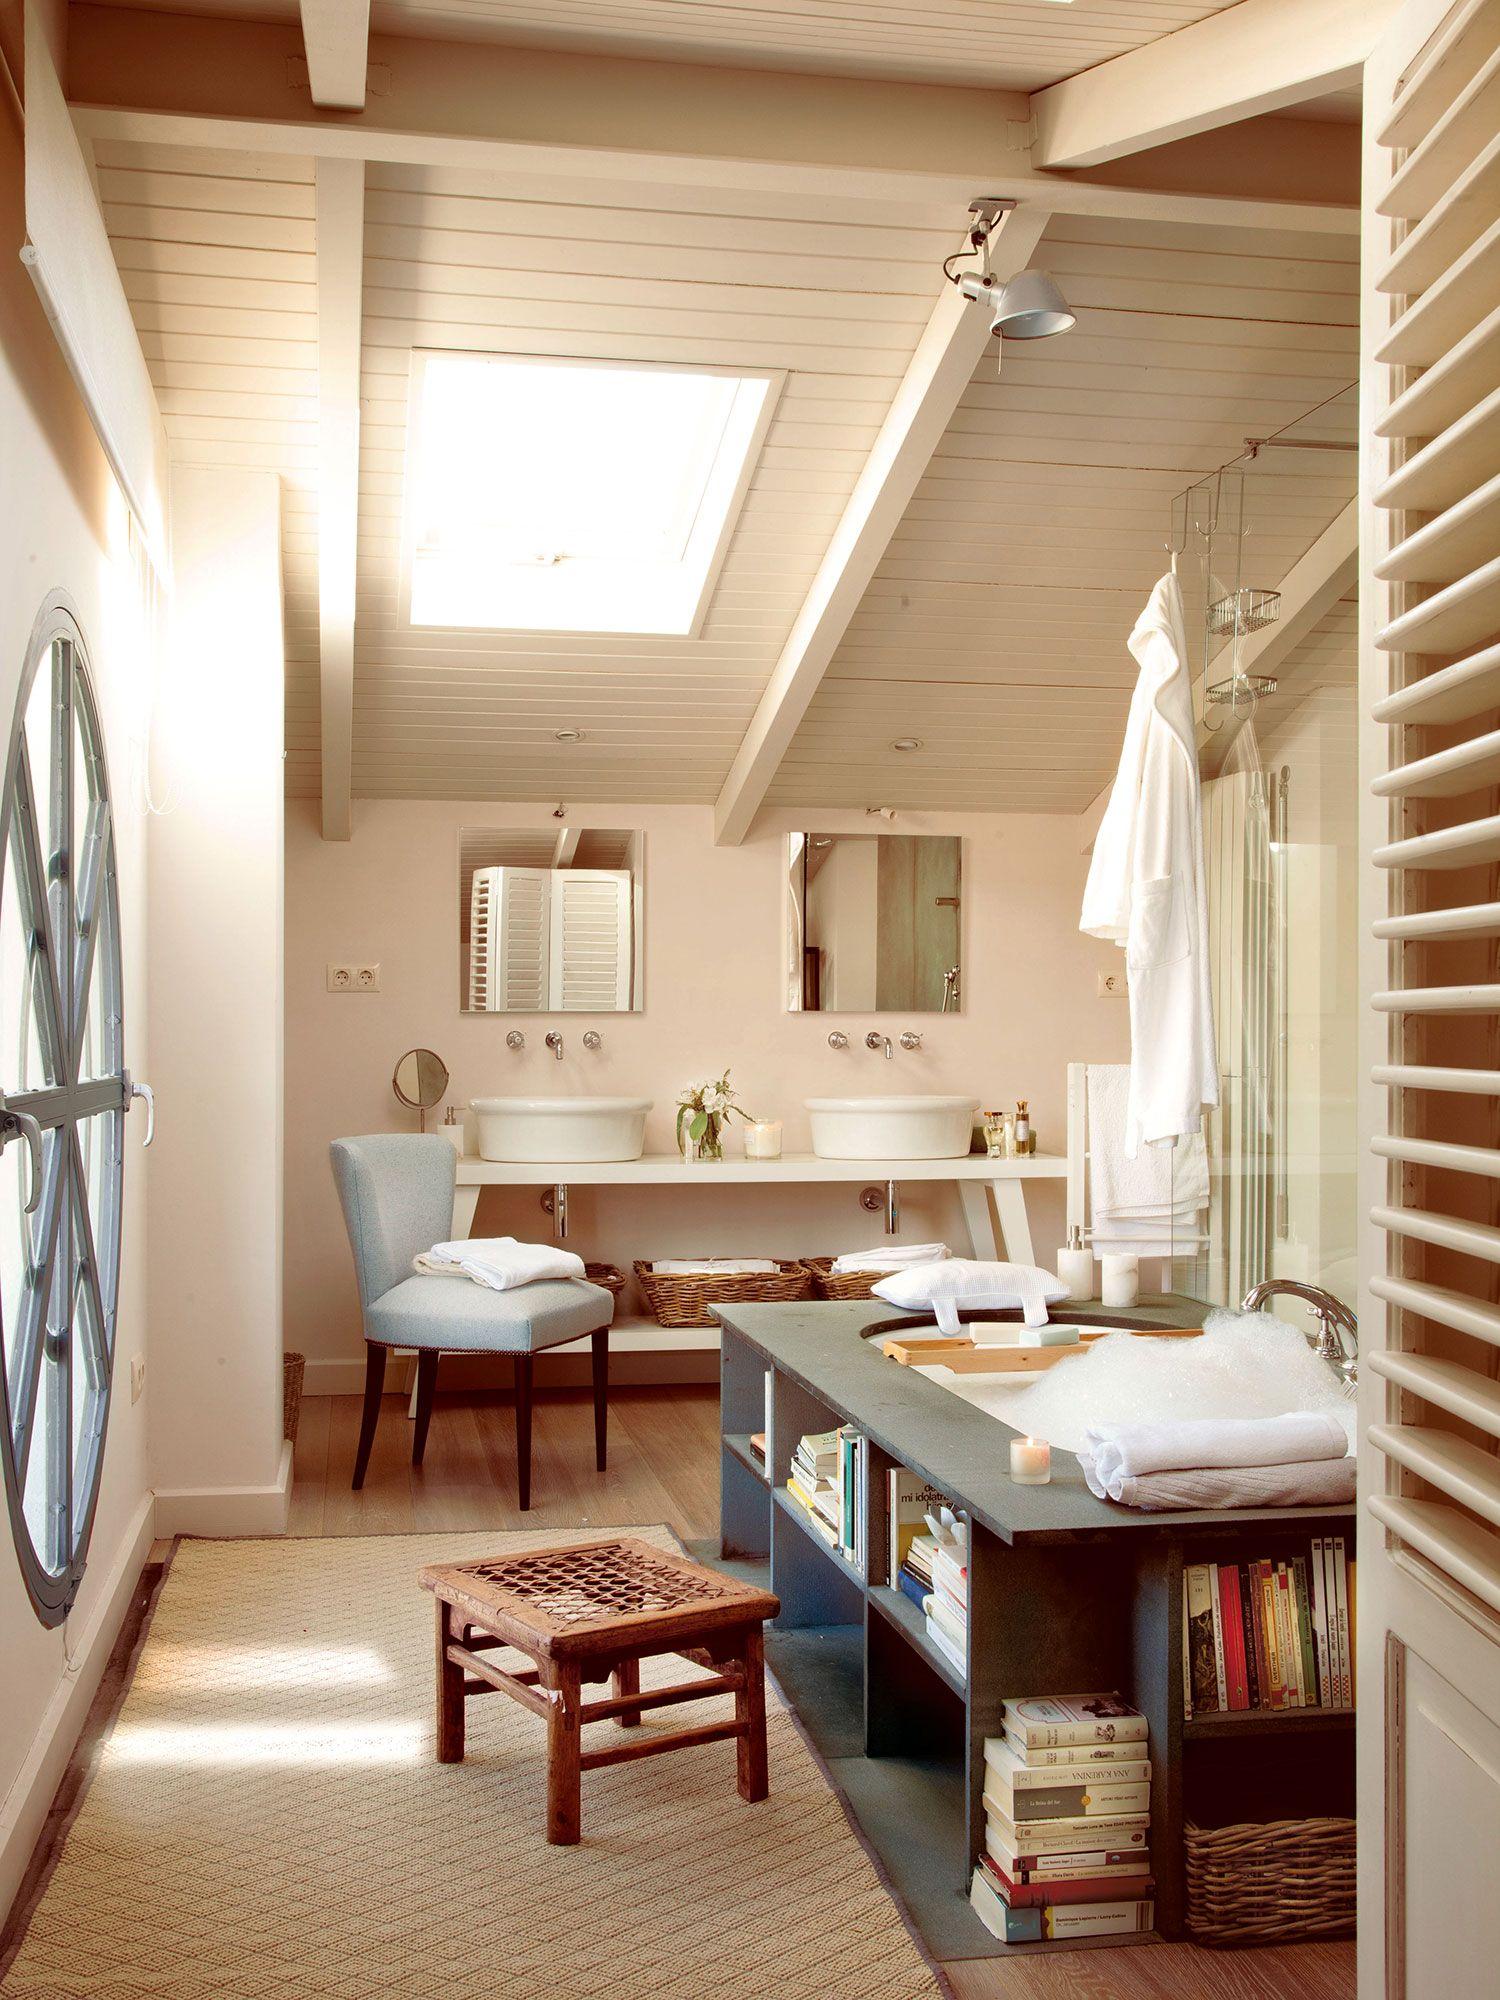 Un baño de lectura | Casas, Casas acogedoras y Diseño de ...